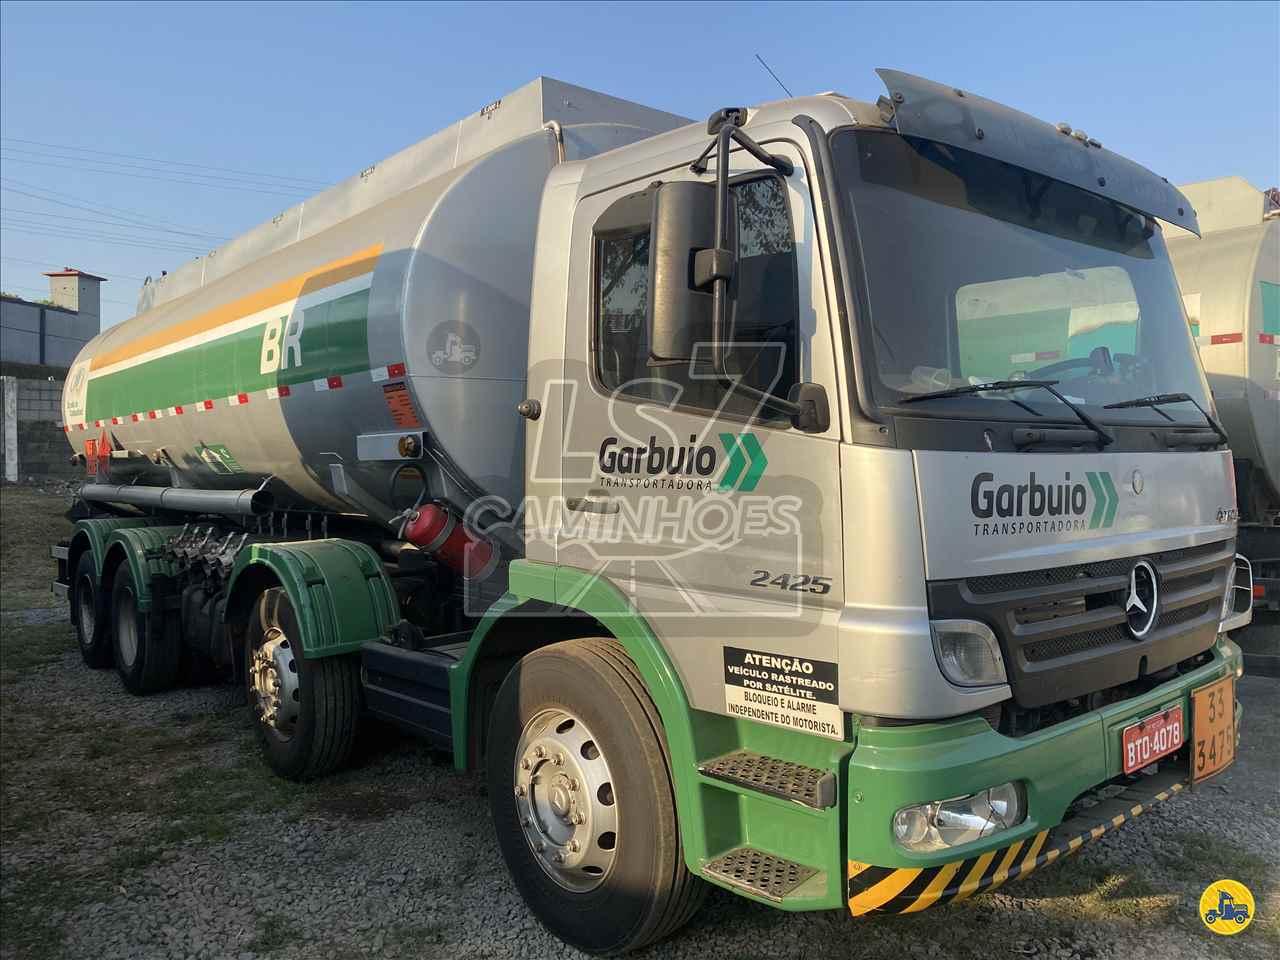 CAMINHAO MERCEDES-BENZ MB 2425 Tanque Aço BiTruck 8x2 LS 7 Caminhões LIMEIRA SÃO PAULO SP